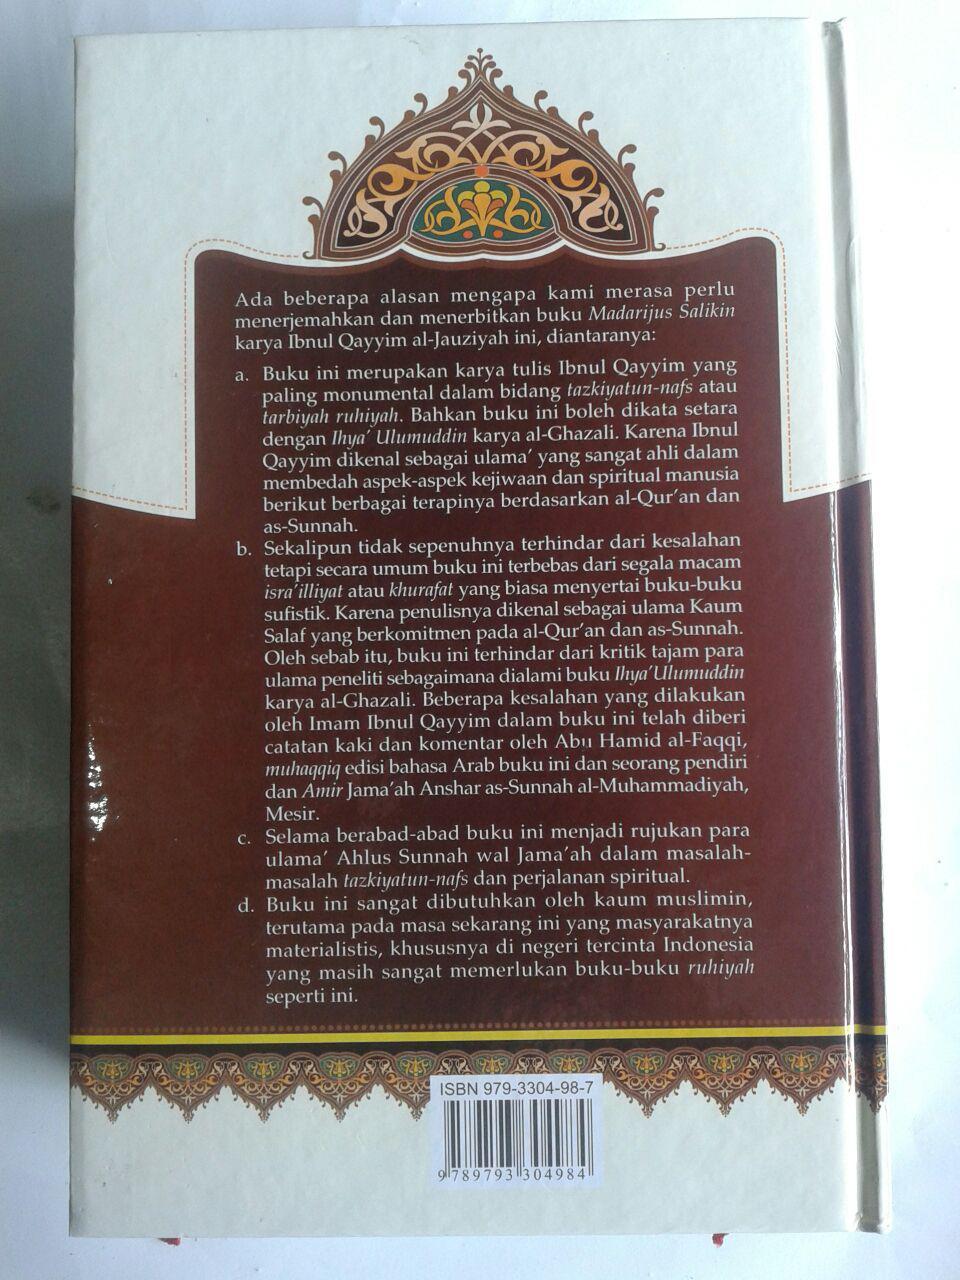 Buku Intisari Madarijus Salikin Jenjang Spiritual Jalan Ruhani cover